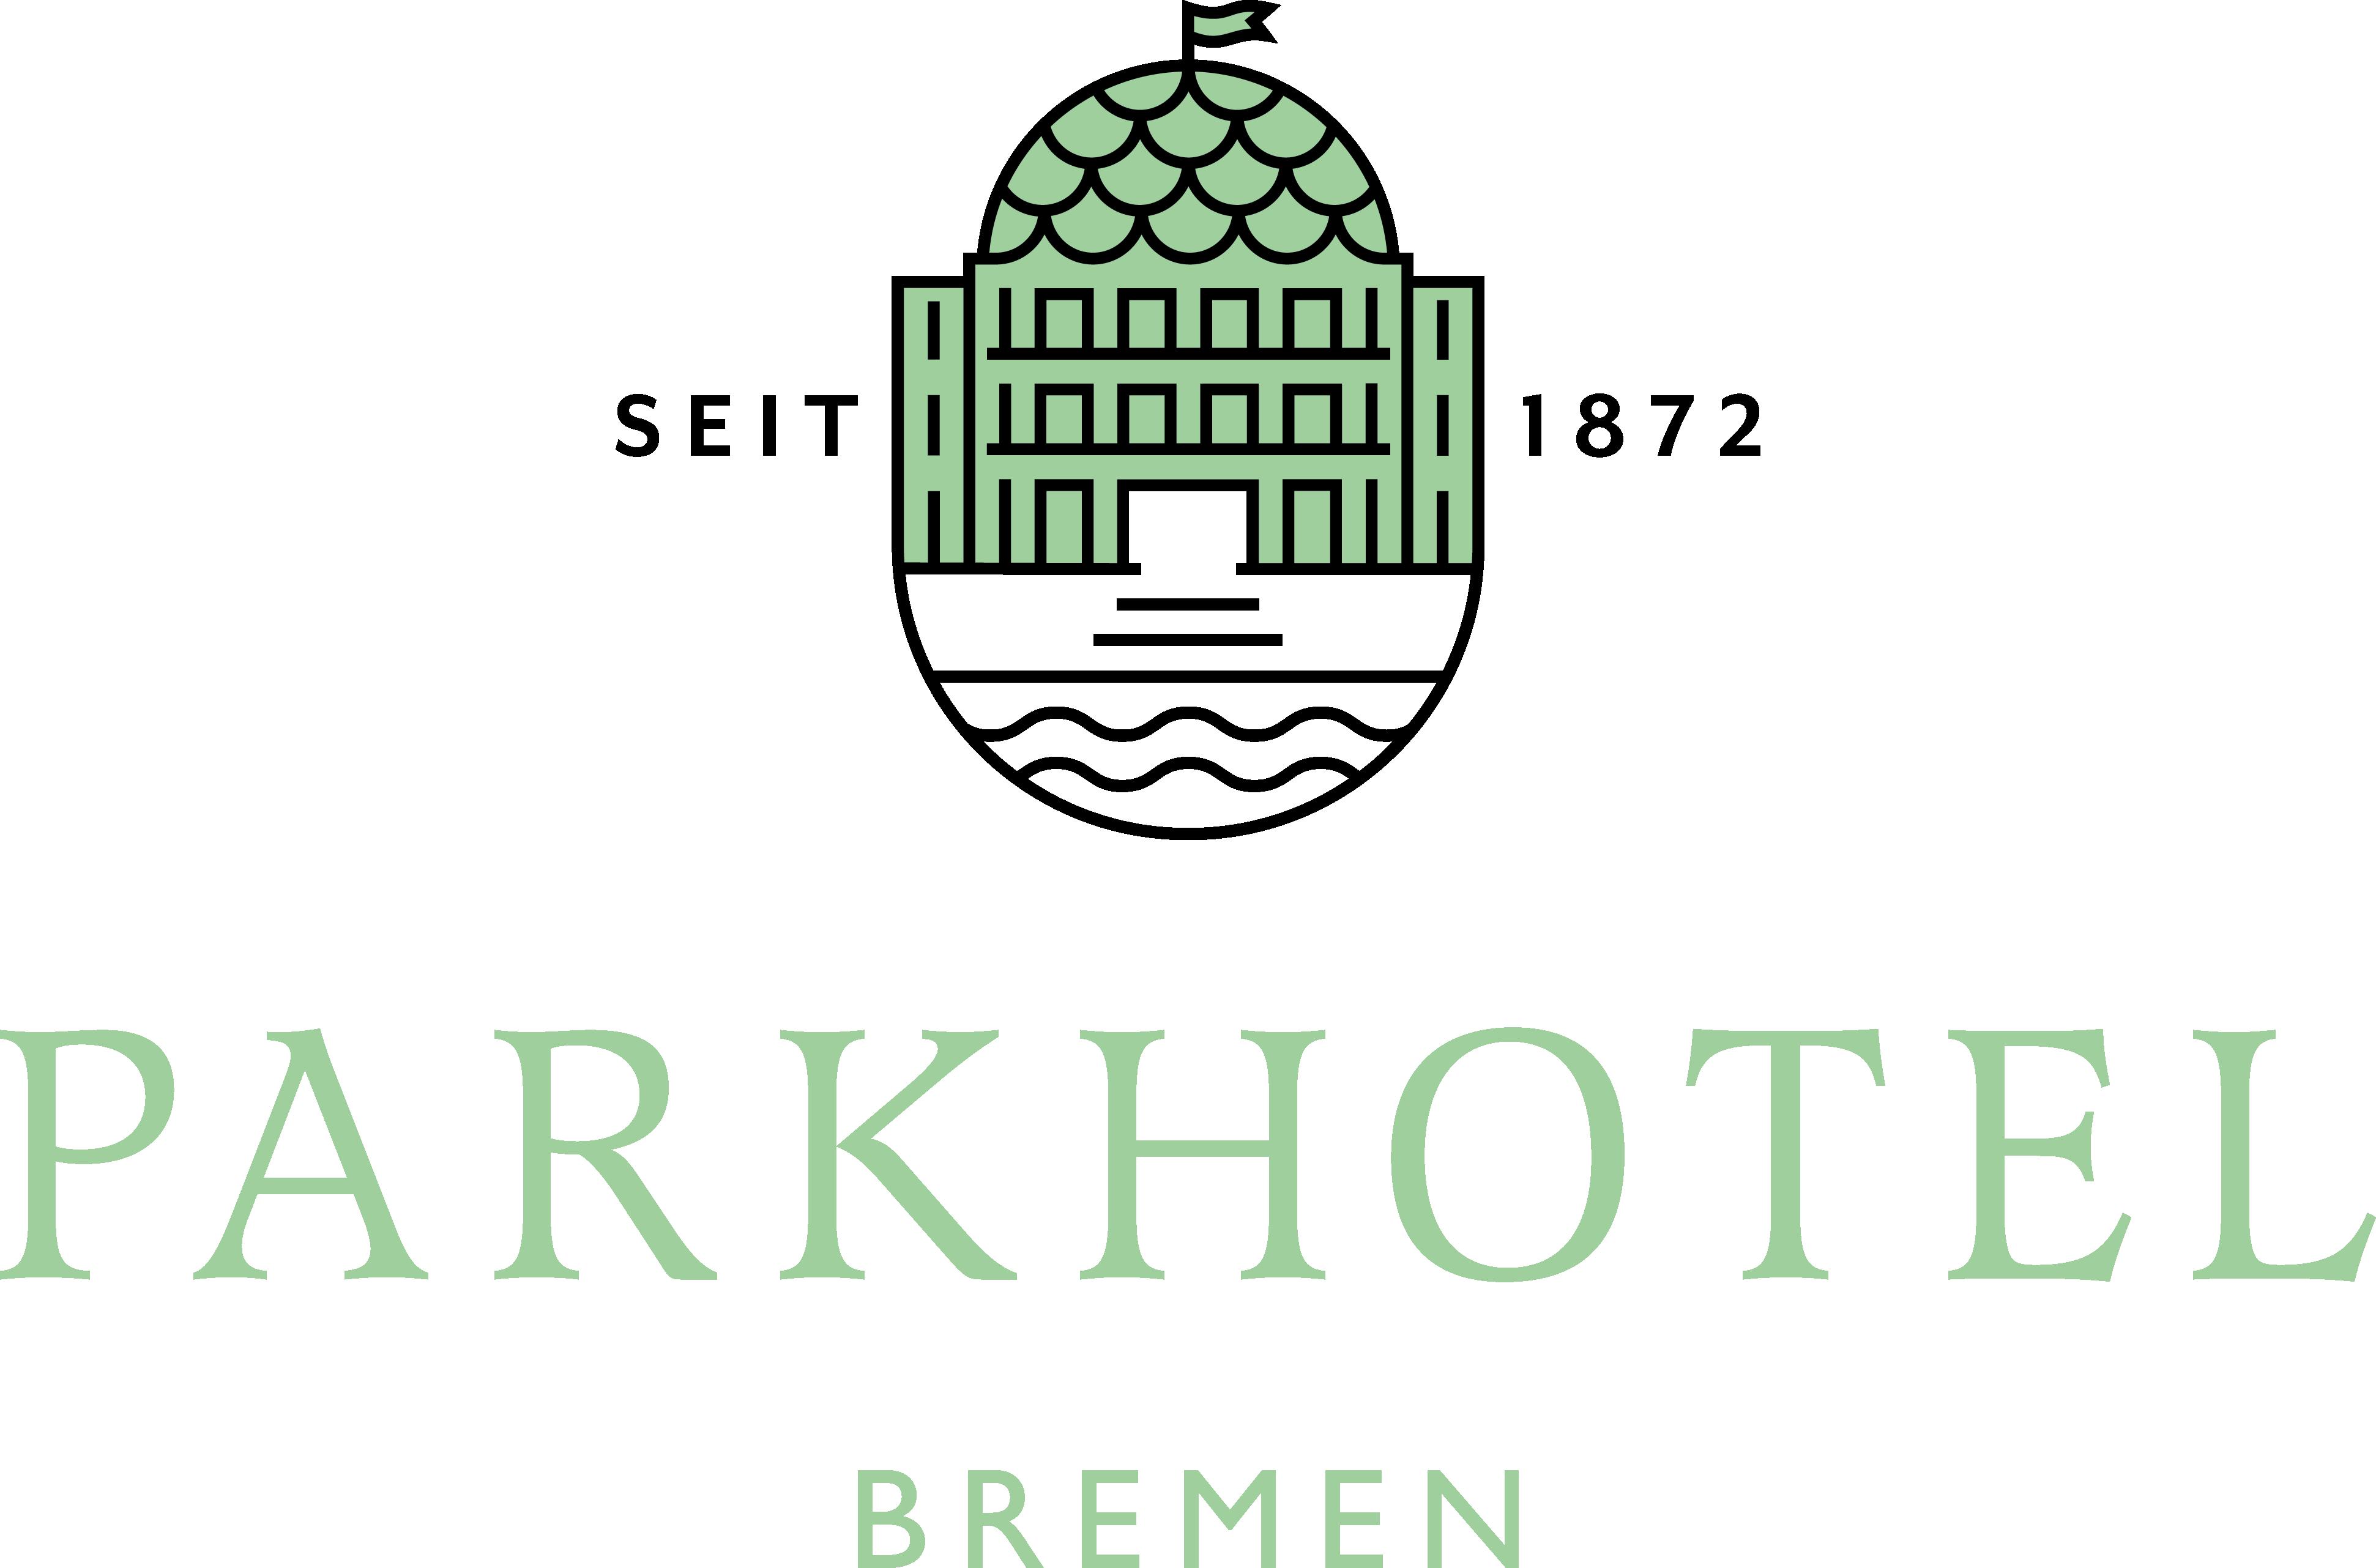 Parkhotel Bremen Logo